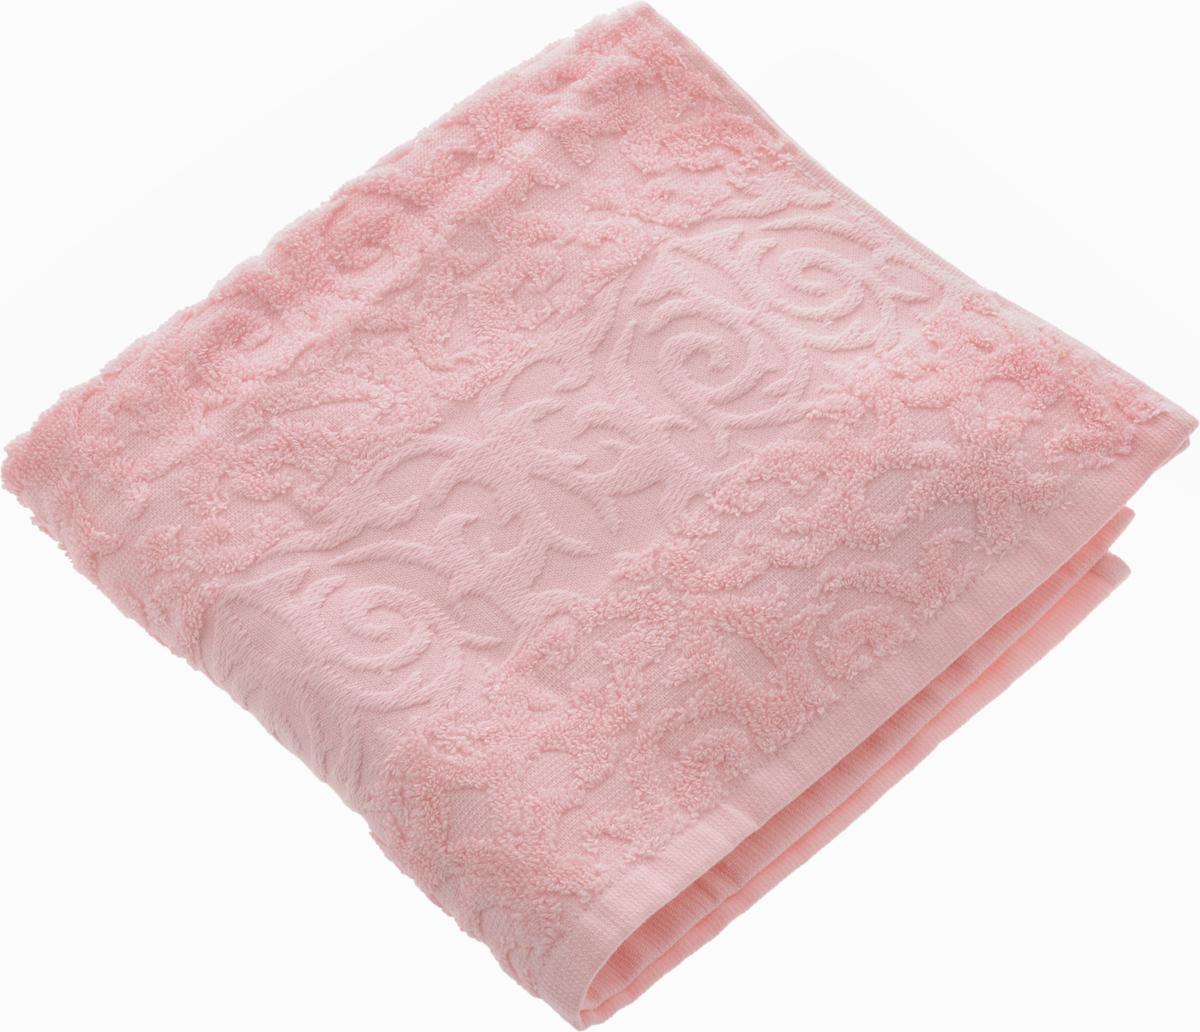 Полотенце Soavita Luxury. Квадро, цвет: розовый, 50 х 90 см51639Полотенце Soavita Luxury. Квадро выполнено из 100% хлопка. Изделие отлично впитывает влагу, быстро сохнет, сохраняет яркость цвета и не теряет форму даже после многократных стирок. Полотенце очень практично и неприхотливо в уходе. Оно создаст прекрасное настроение и украсит интерьер в ванной комнате.